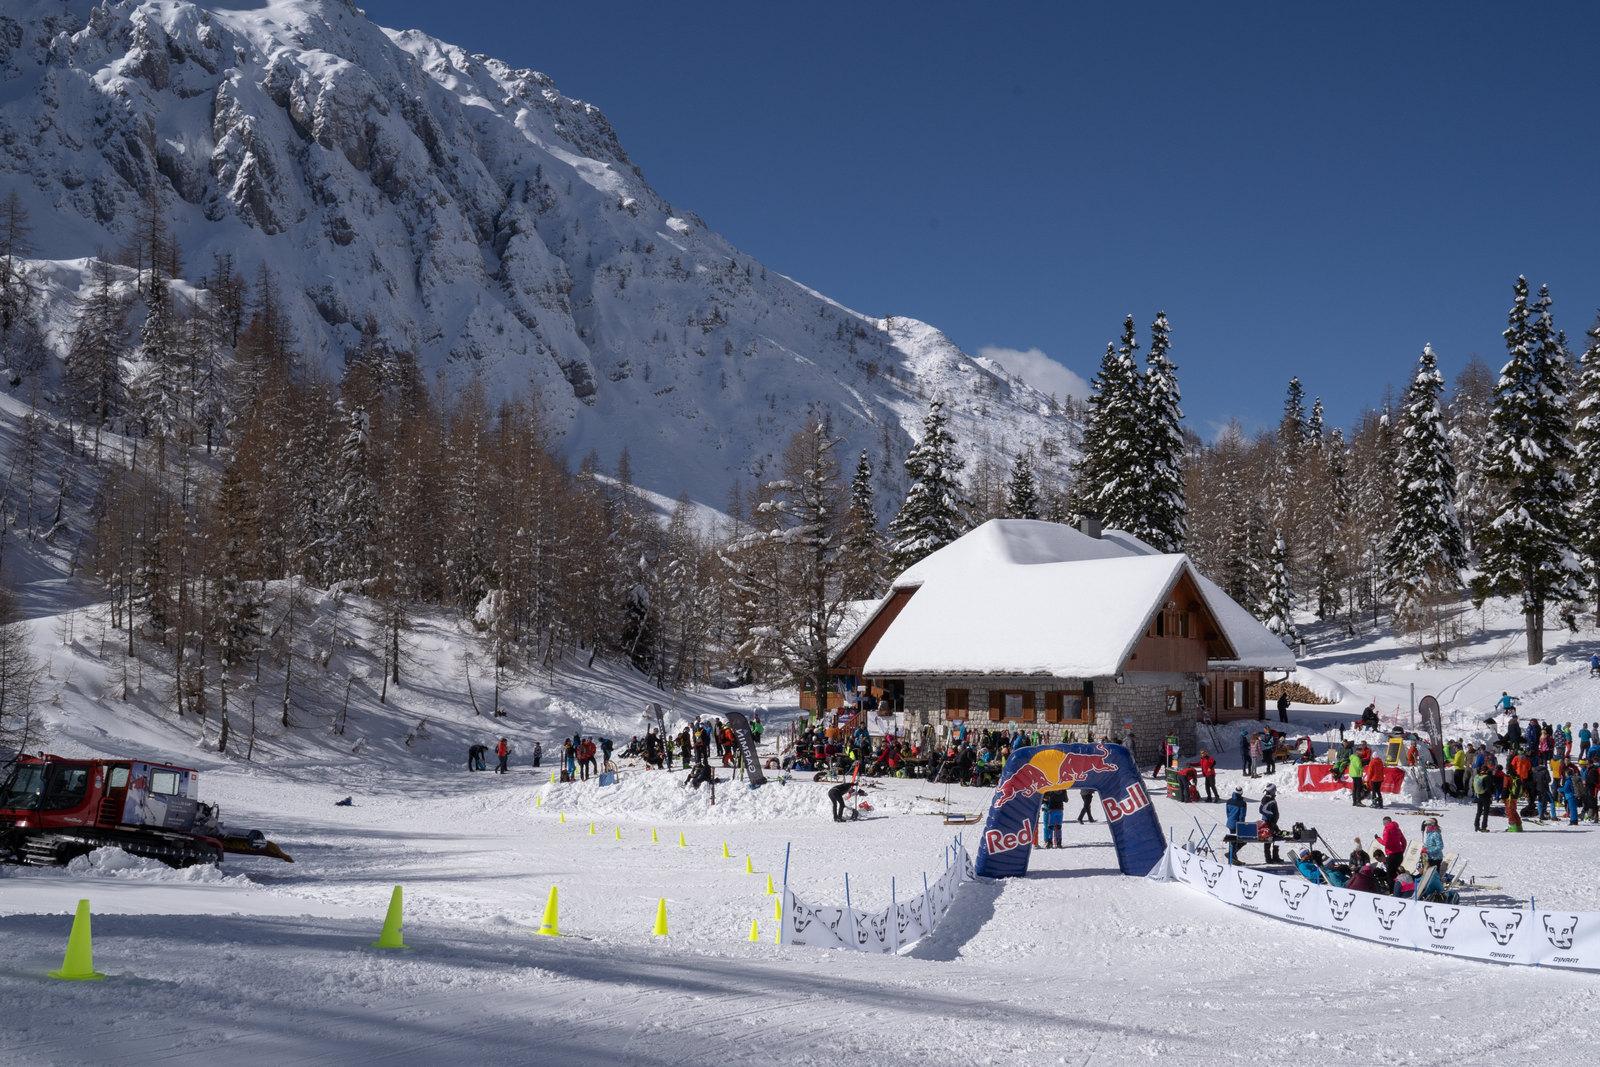 zelenica_ski_raid_2020_foto_ziga_erzen